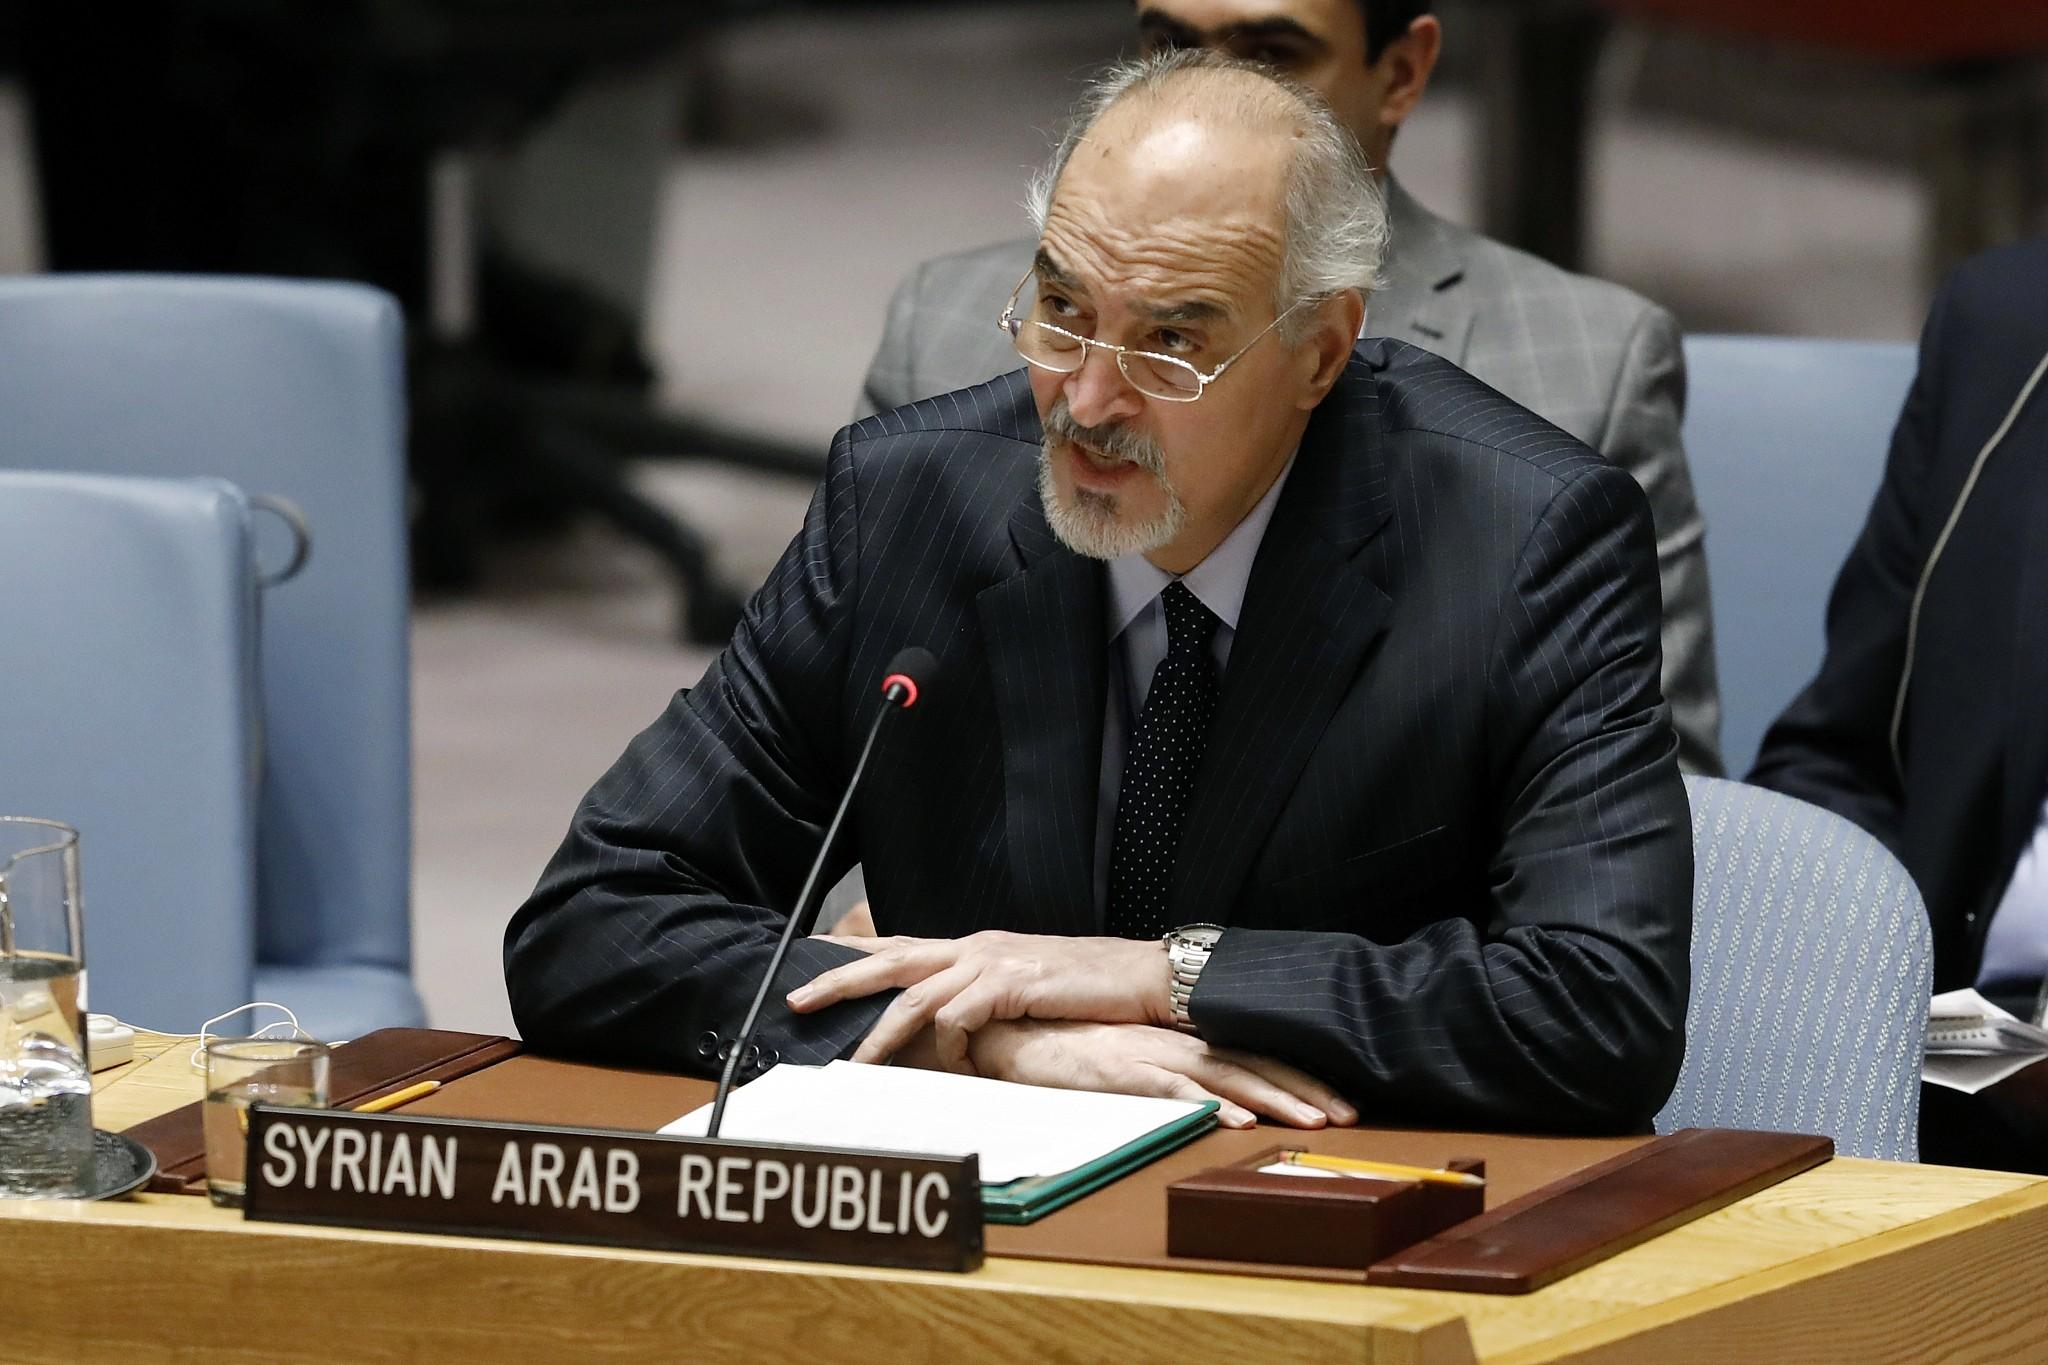 Syrian Ambassador Ja'afari